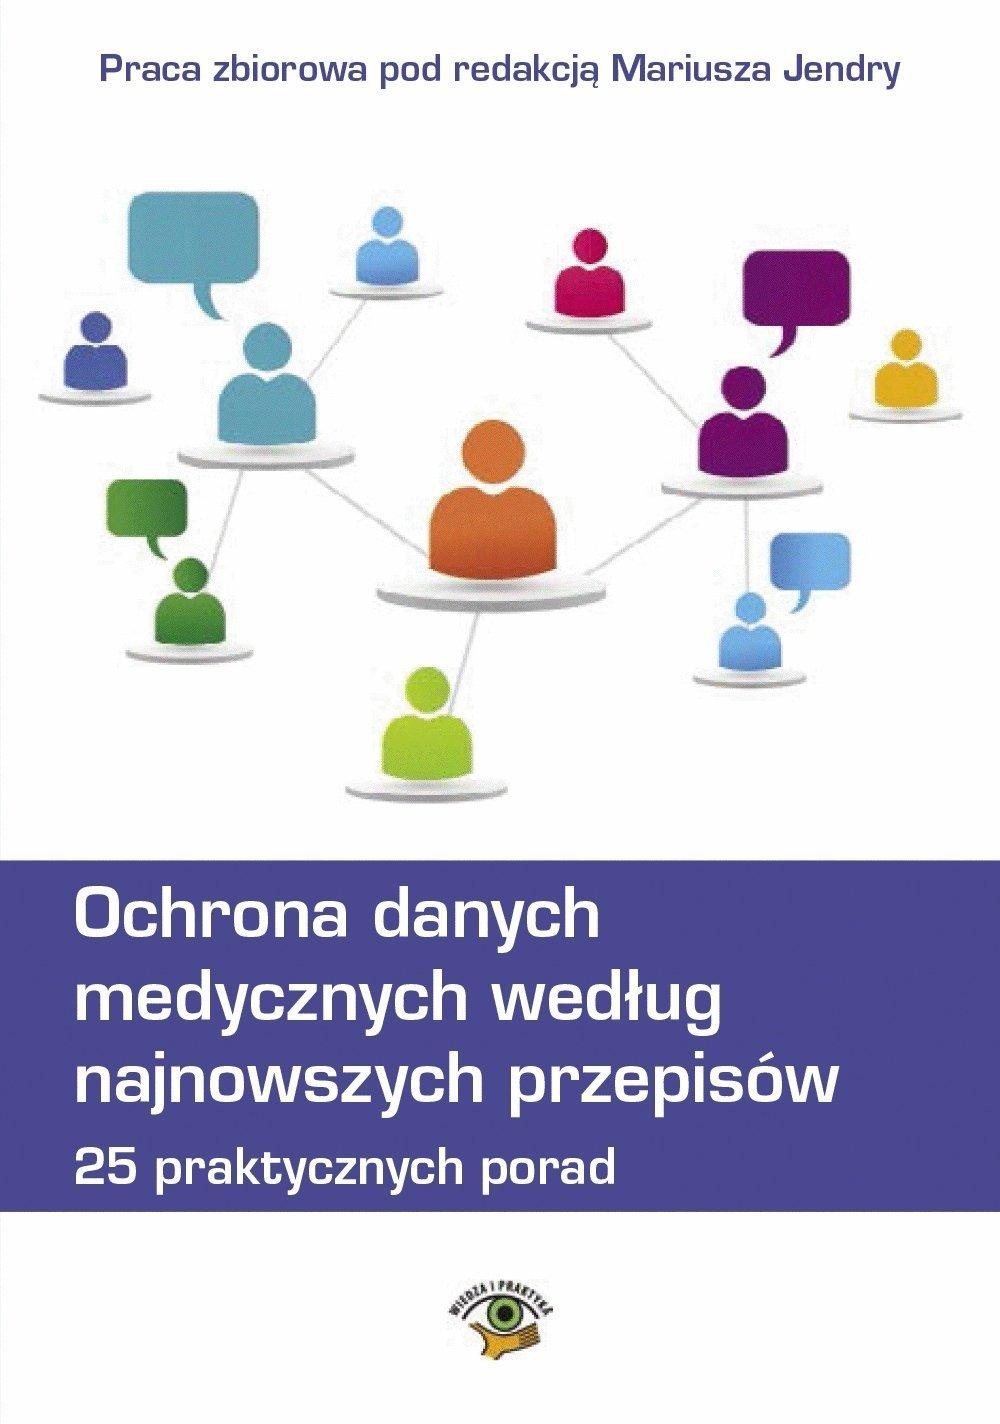 Ochrona danych medycznych według najnowszych przepisów. 25 praktycznych porad. - Ebook (Książka PDF) do pobrania w formacie PDF